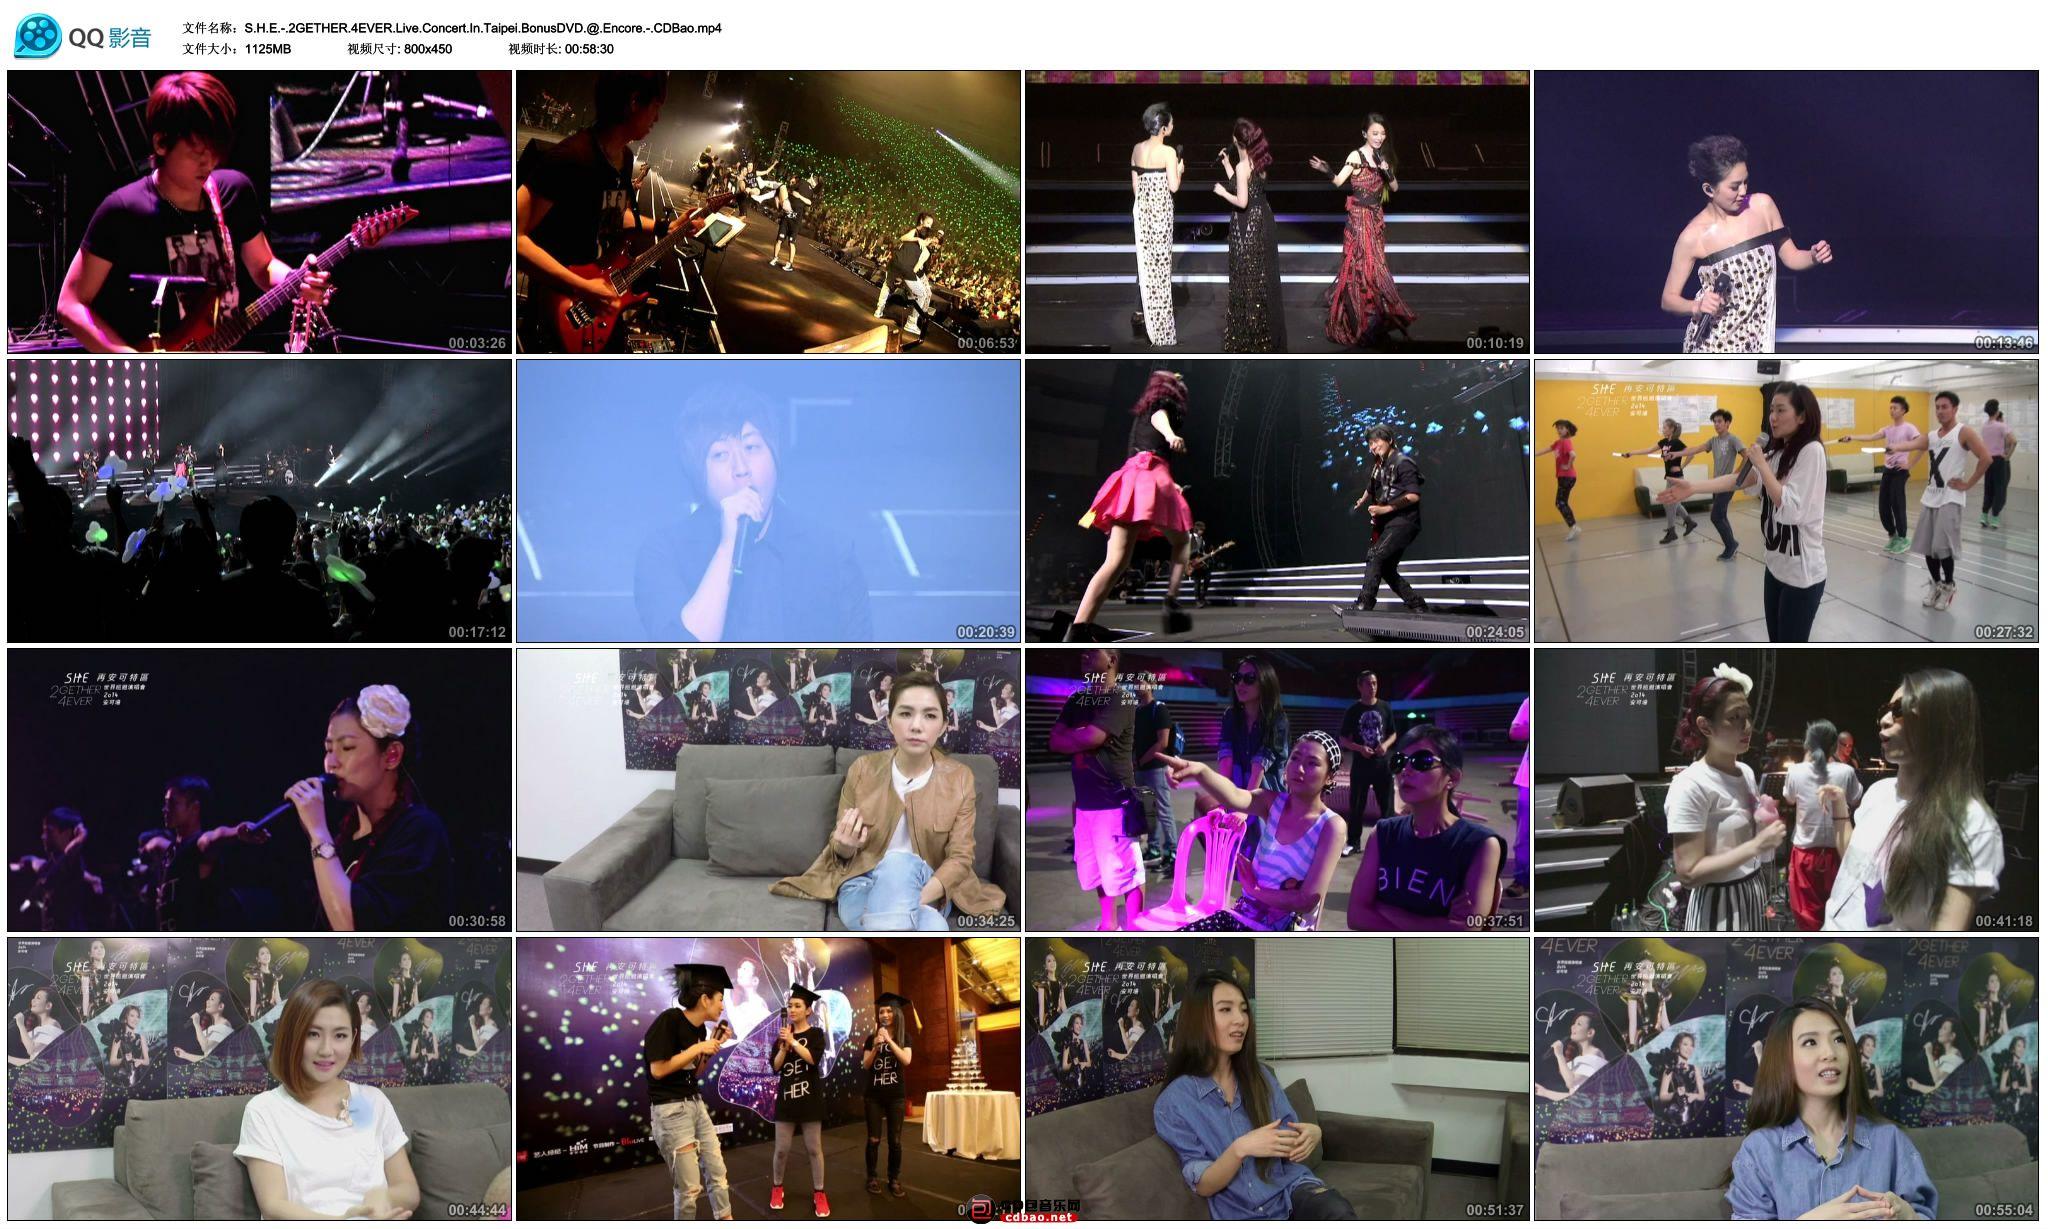 S.H.E.-.2GETHER.4EVER.Live.Concert.In.Taipei.BonusDVD.@.Encore.-.CDBao.jpg